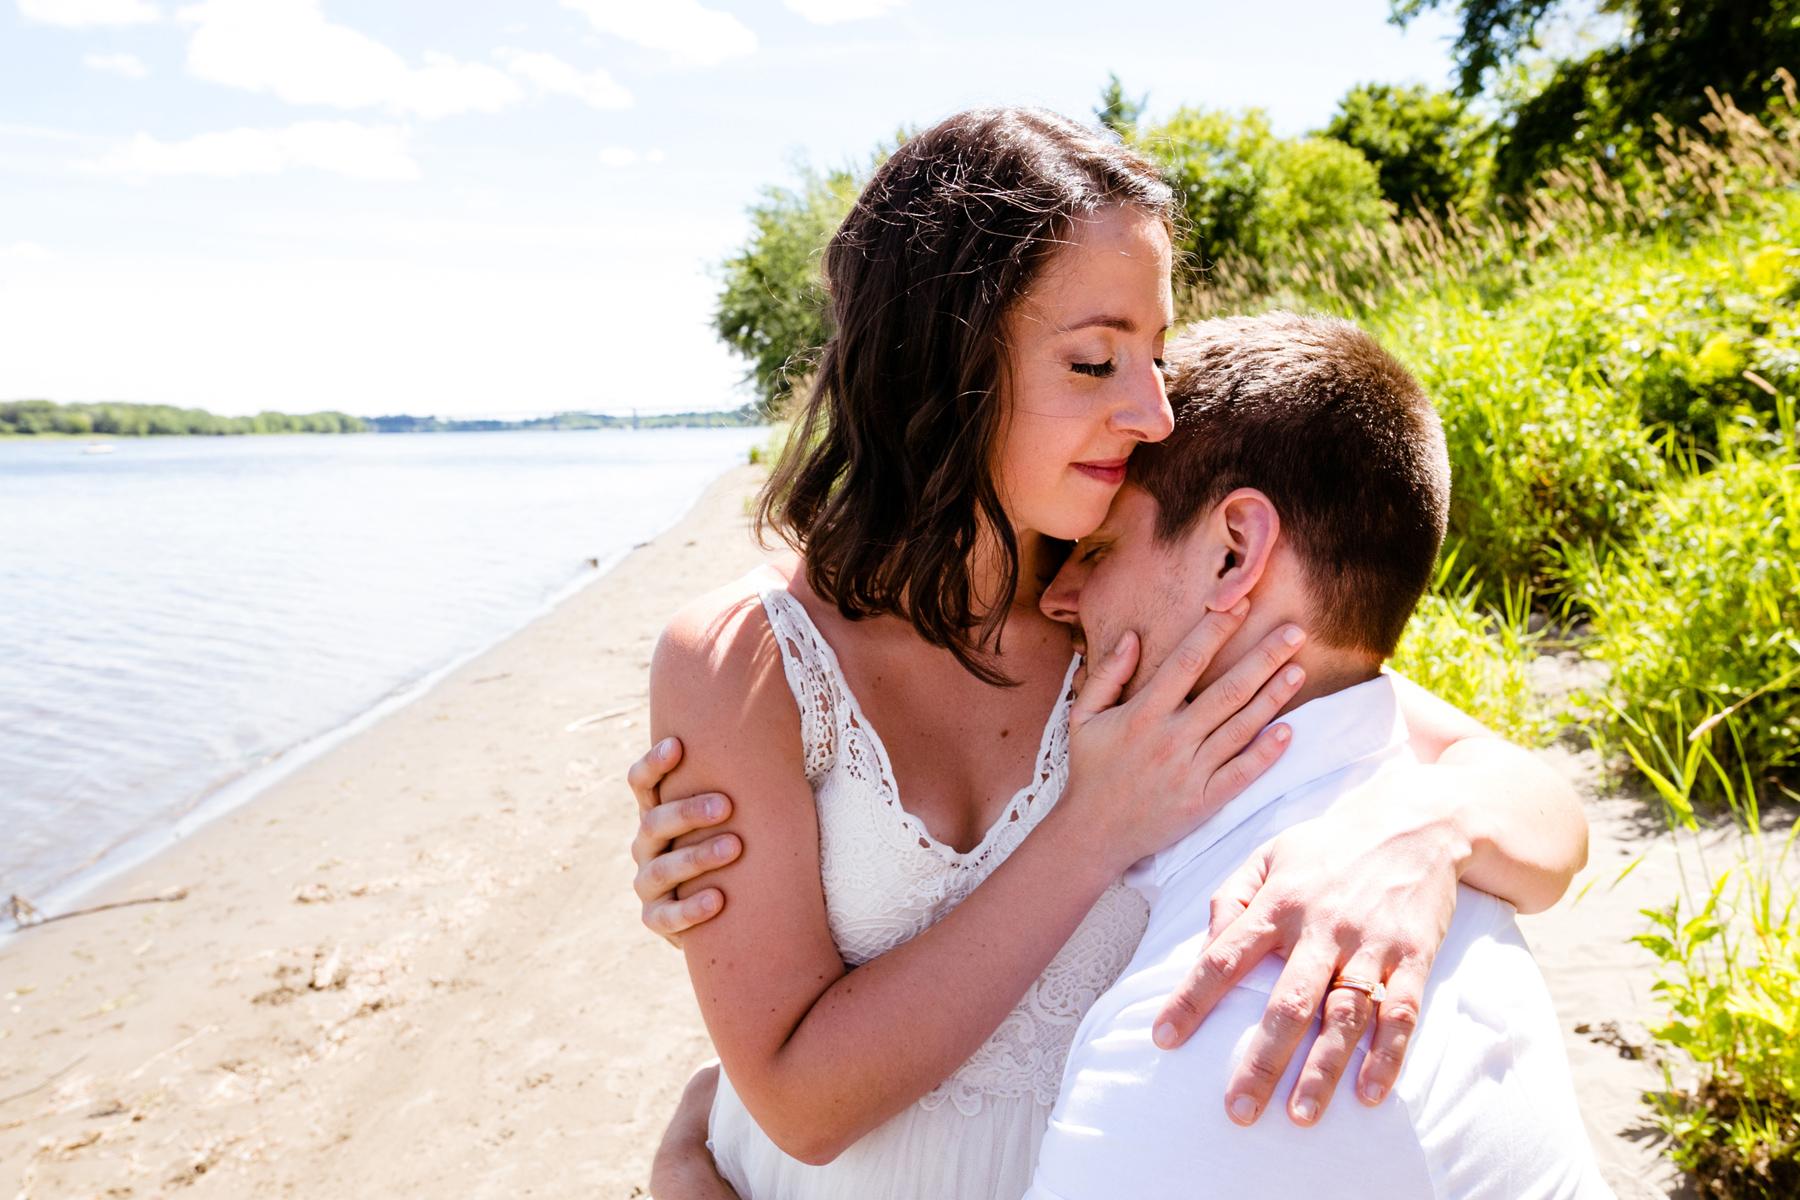 005-downtown-fredericton-wedding-photos-kandisebrown-se2017